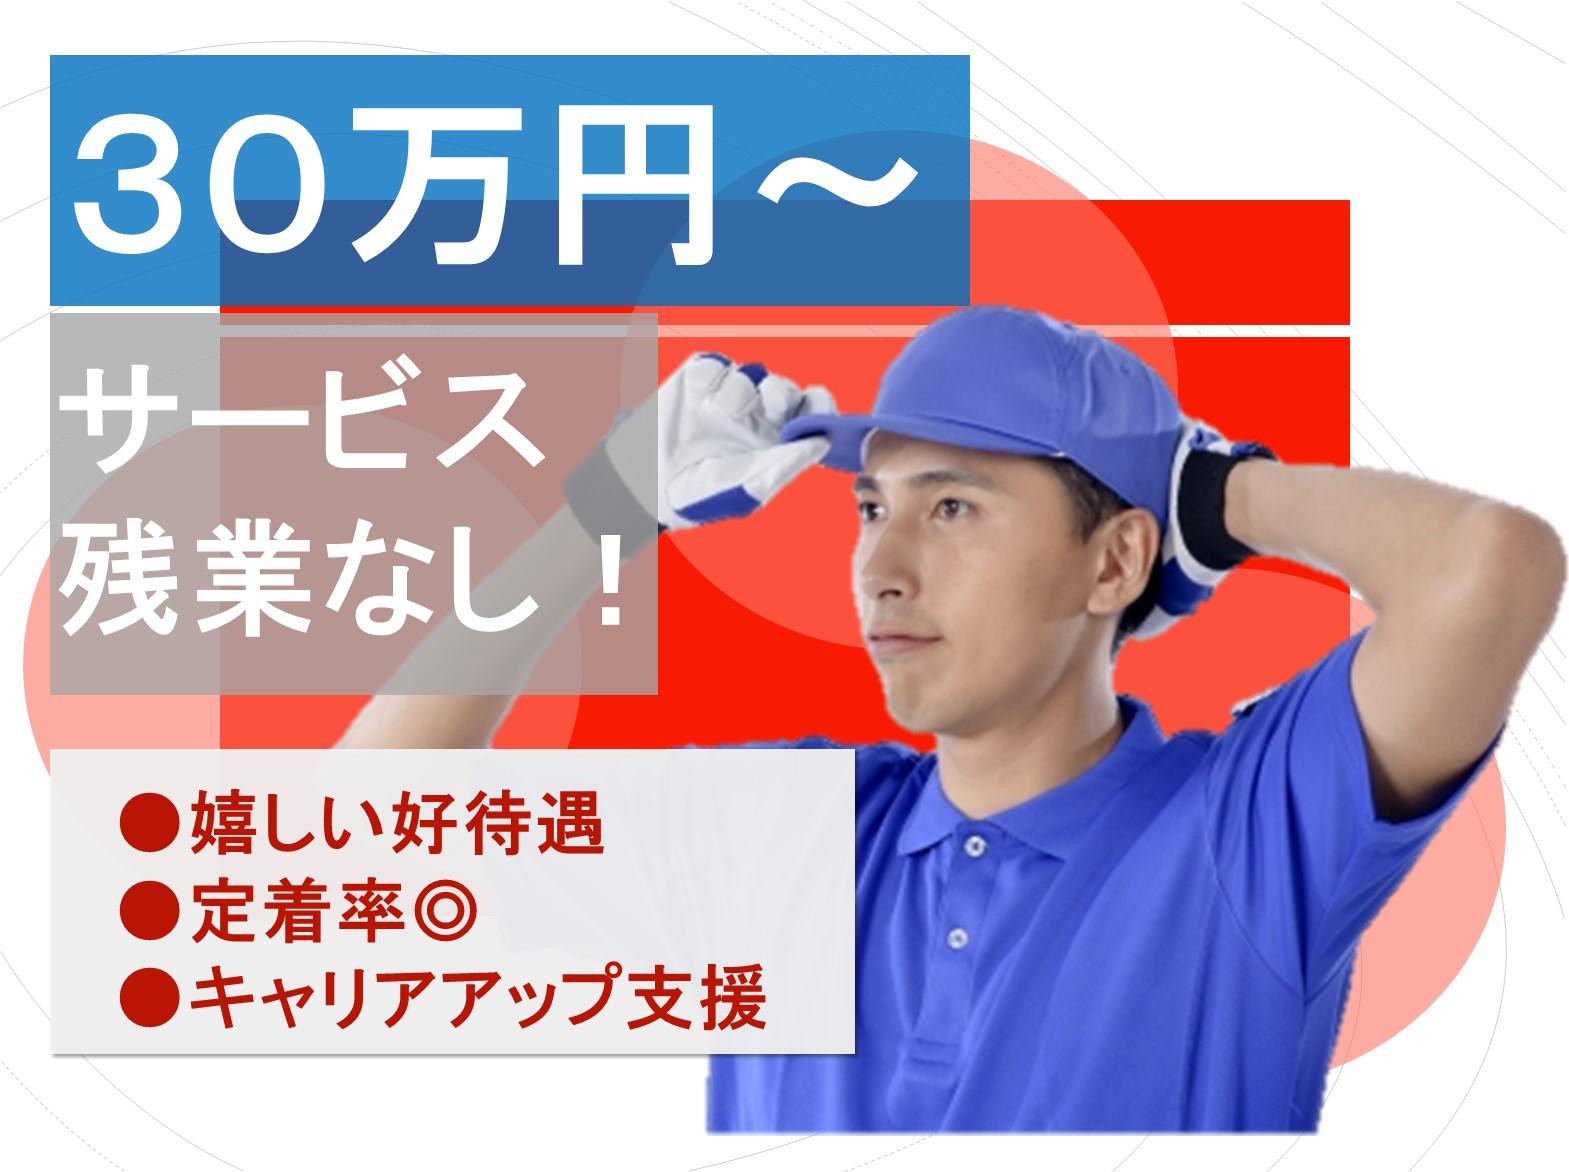 月給30万円~♪サービス残業なしで定着率が良い!3tトラックドライバー募集★ イメージ